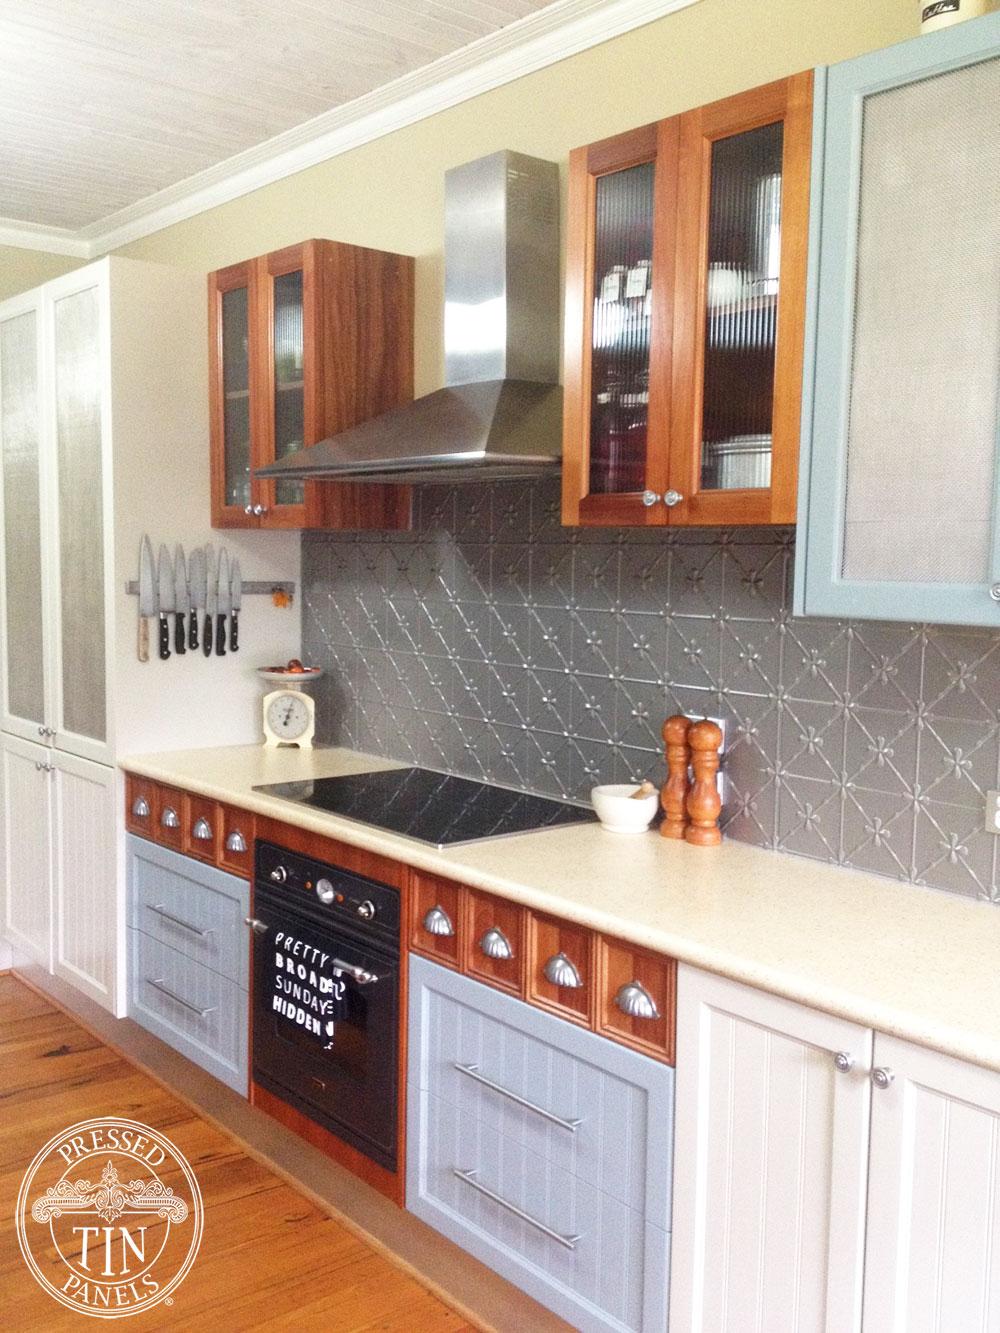 clover kitchen splashback platypus kinetic pearl. Black Bedroom Furniture Sets. Home Design Ideas